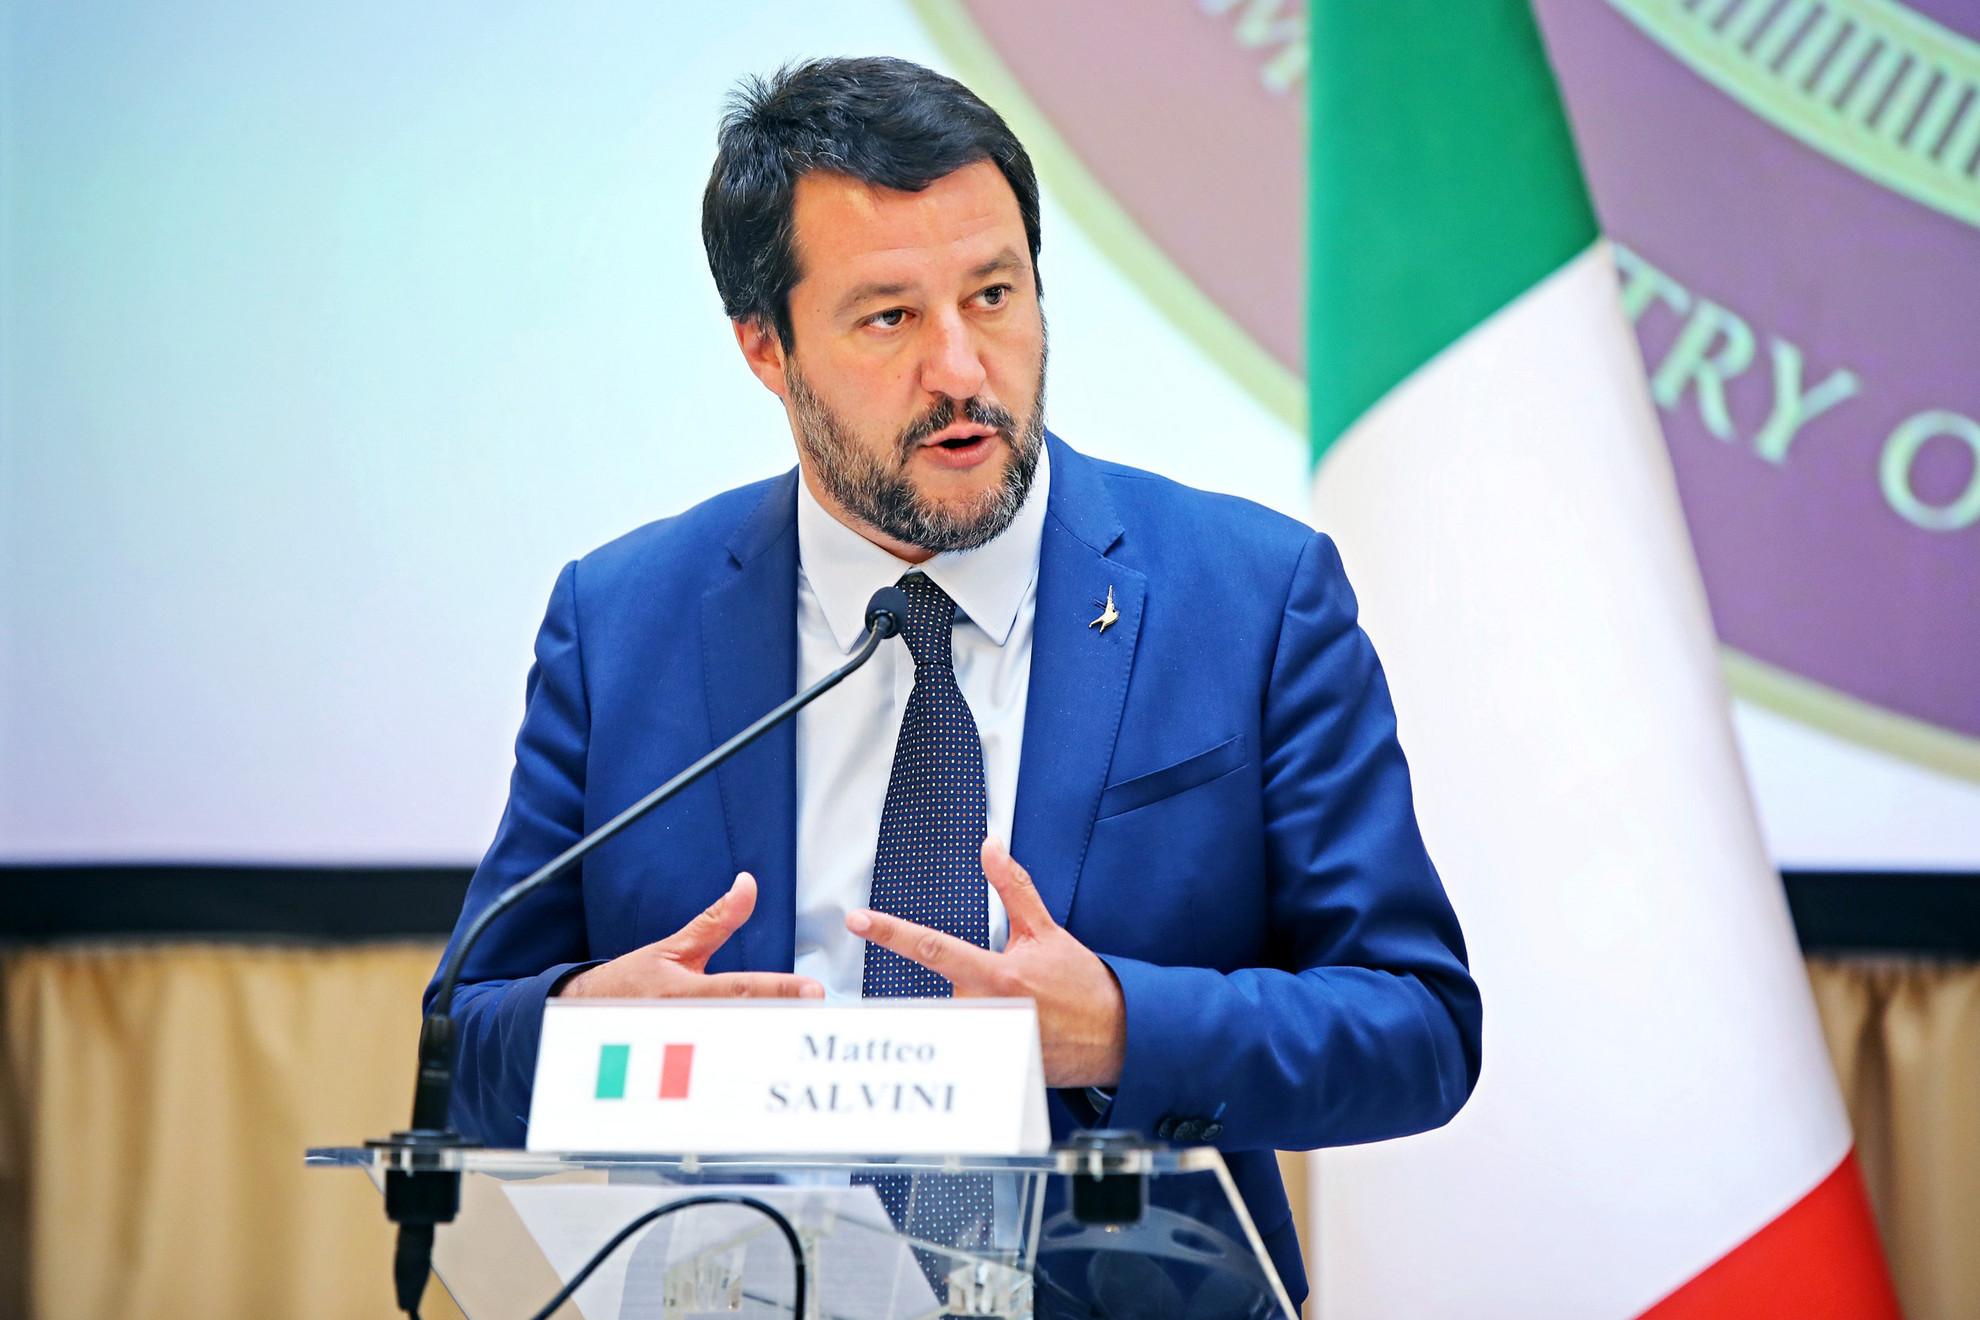 """Matteo Salvini: Arra számítunk, hogy """"az új Európa"""" május 27-étől védeni fogja a külső határait"""